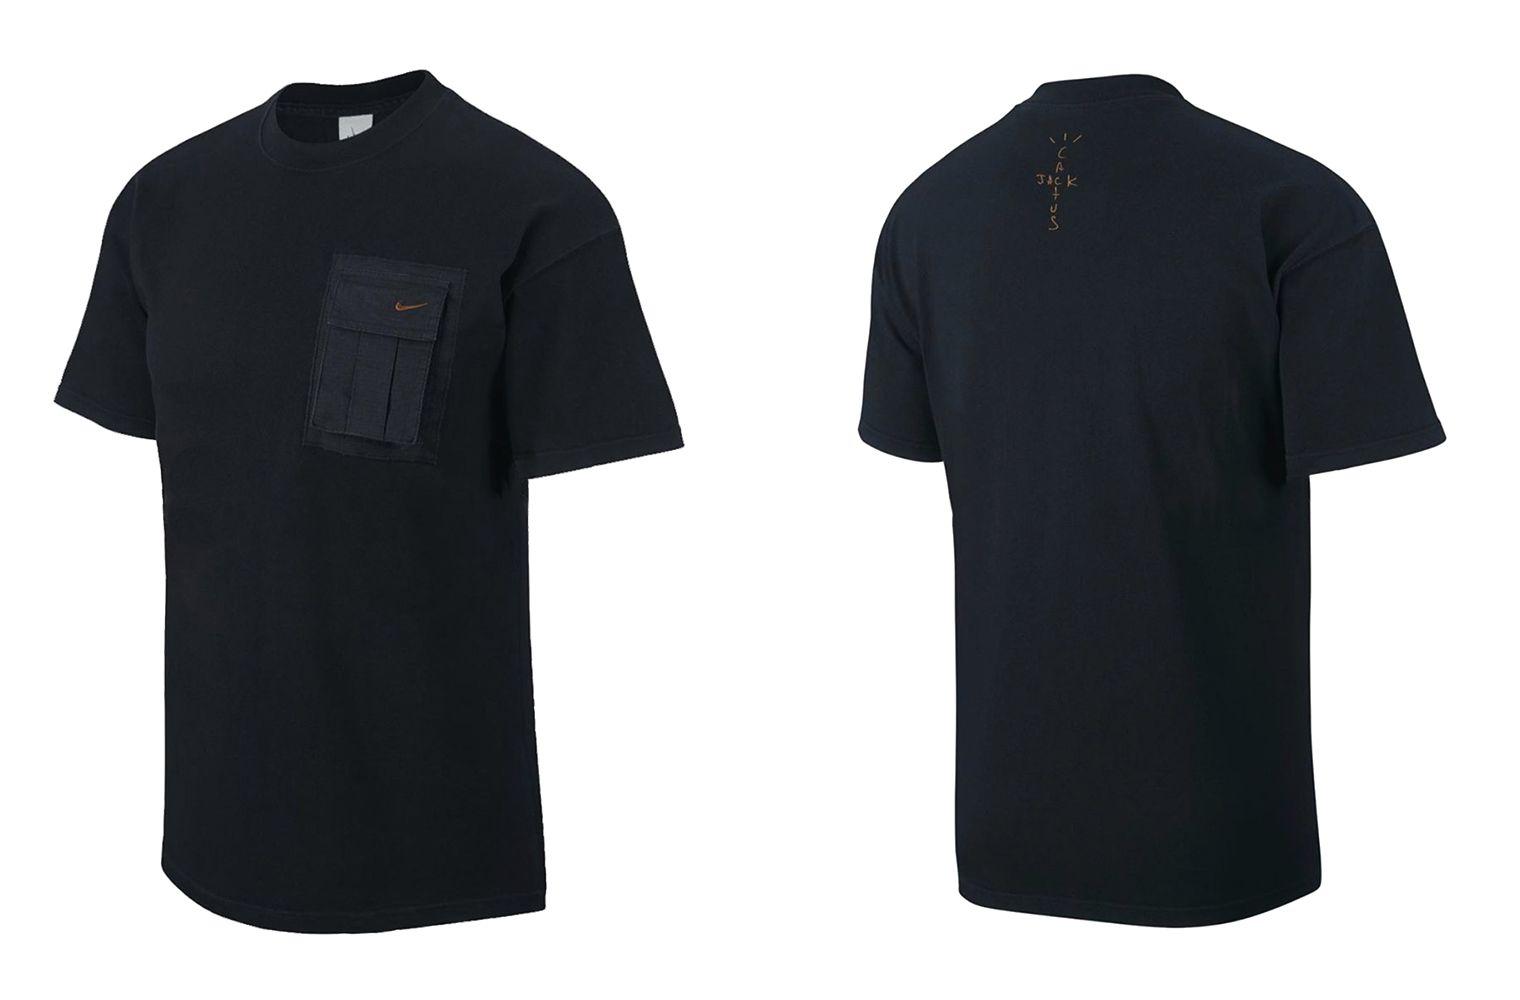 Коллекция одежды Travis Scott x Nike - первый взгляд